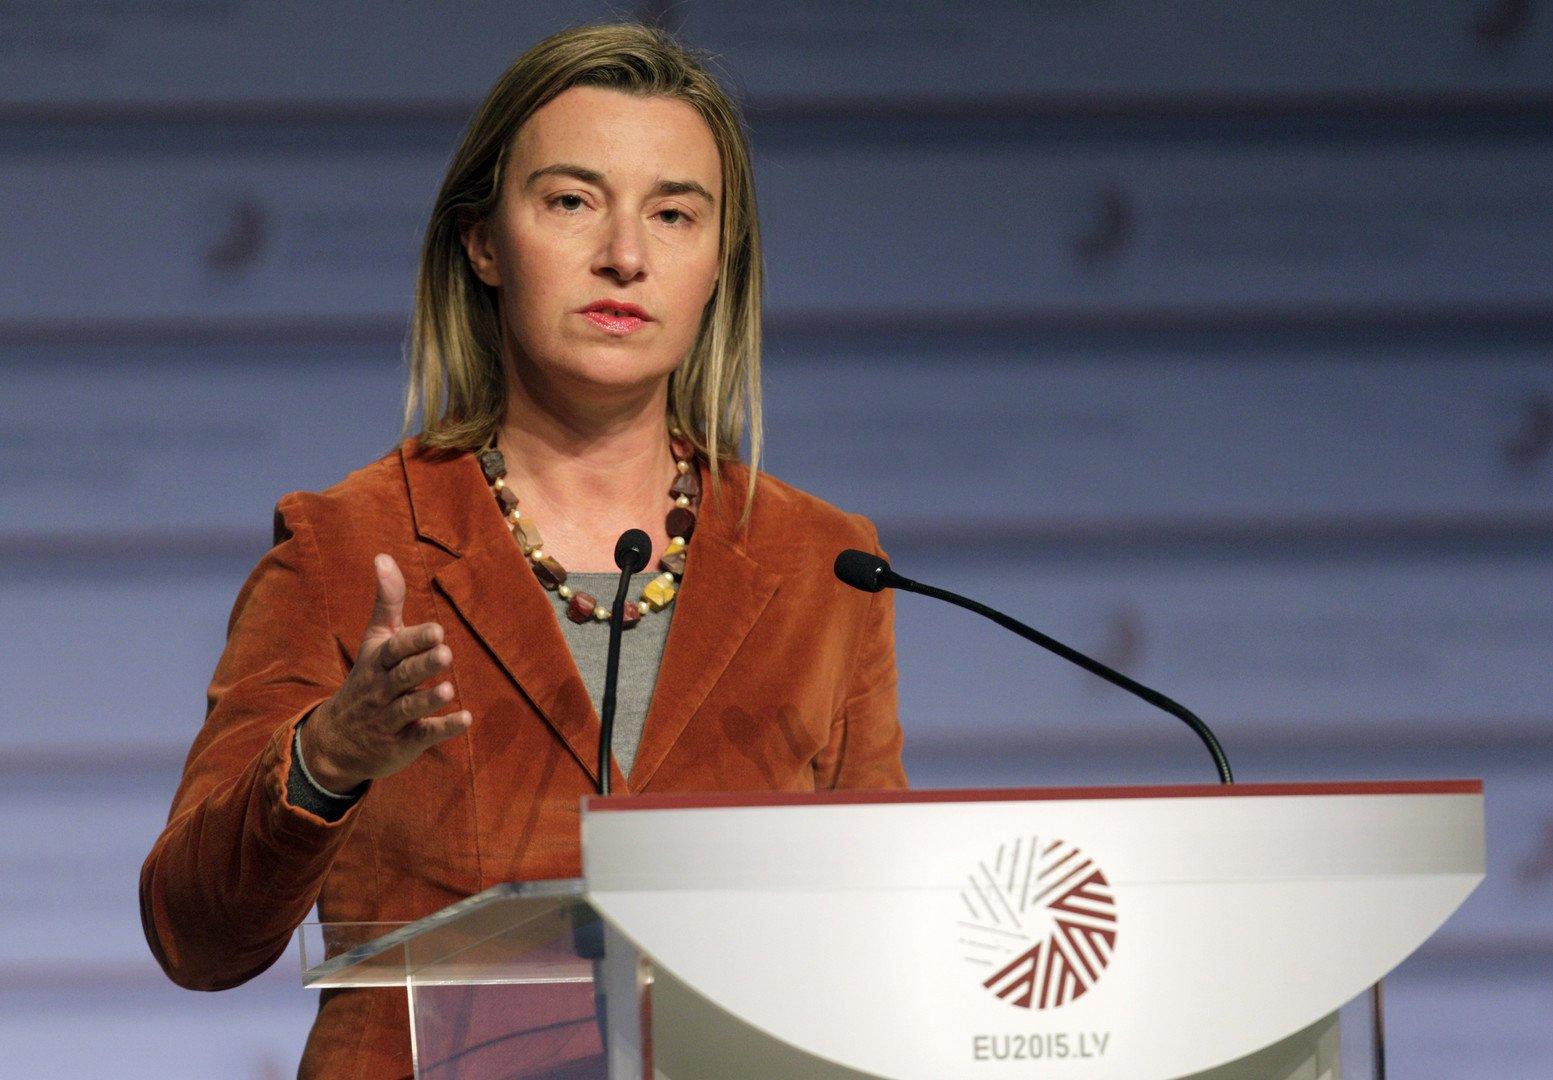 Le respect et la décence comme base d'une coalition euro-musulmane contre le terrorisme